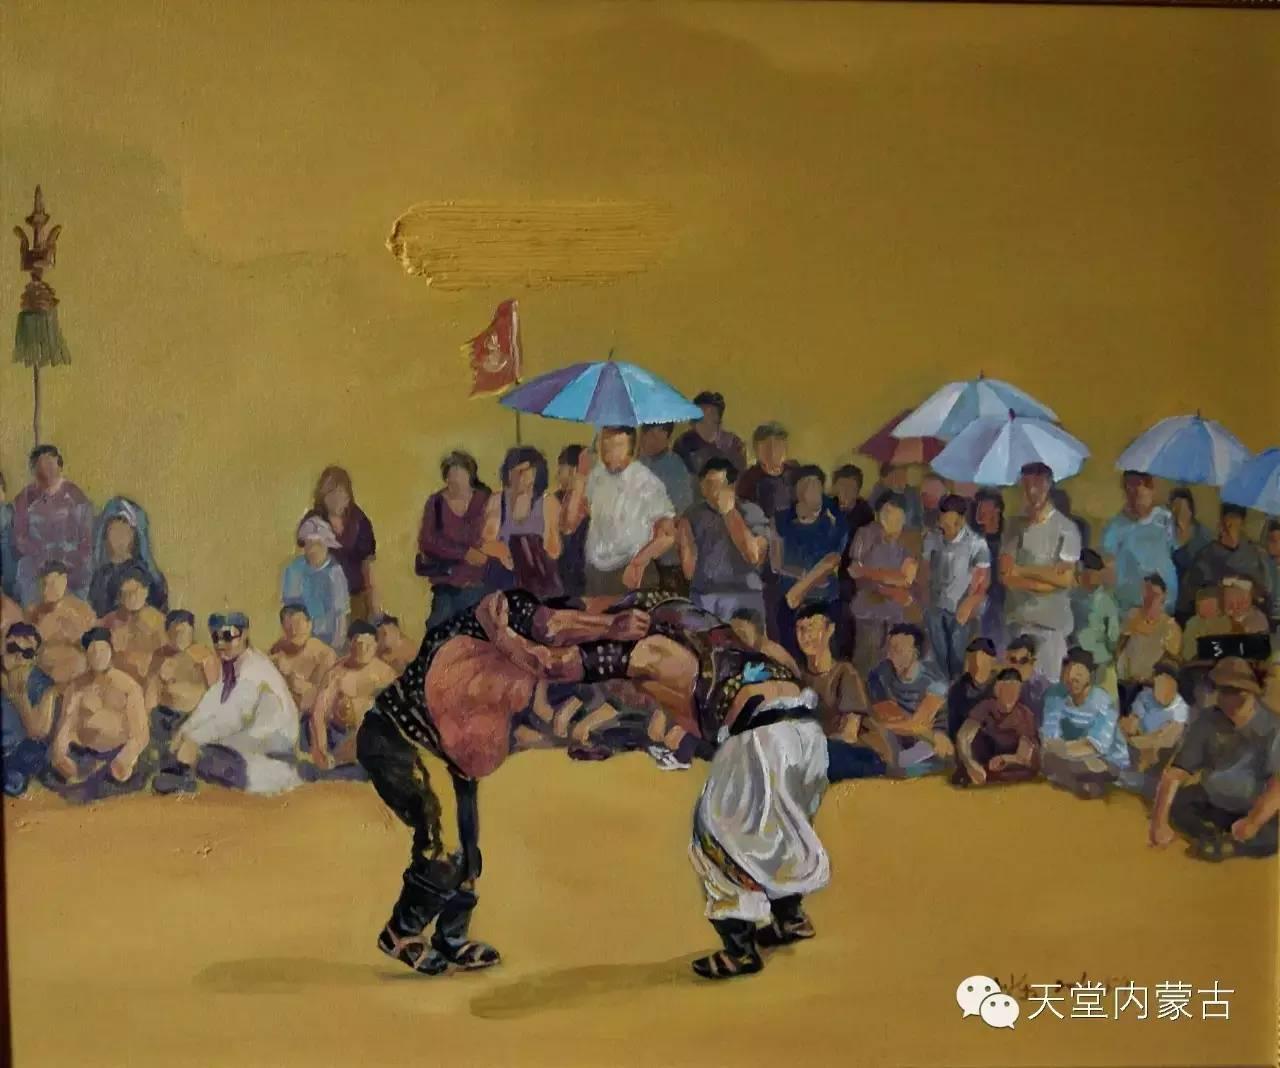 🔴内蒙古画家刘东油画作品 第8张 🔴内蒙古画家刘东油画作品 蒙古画廊